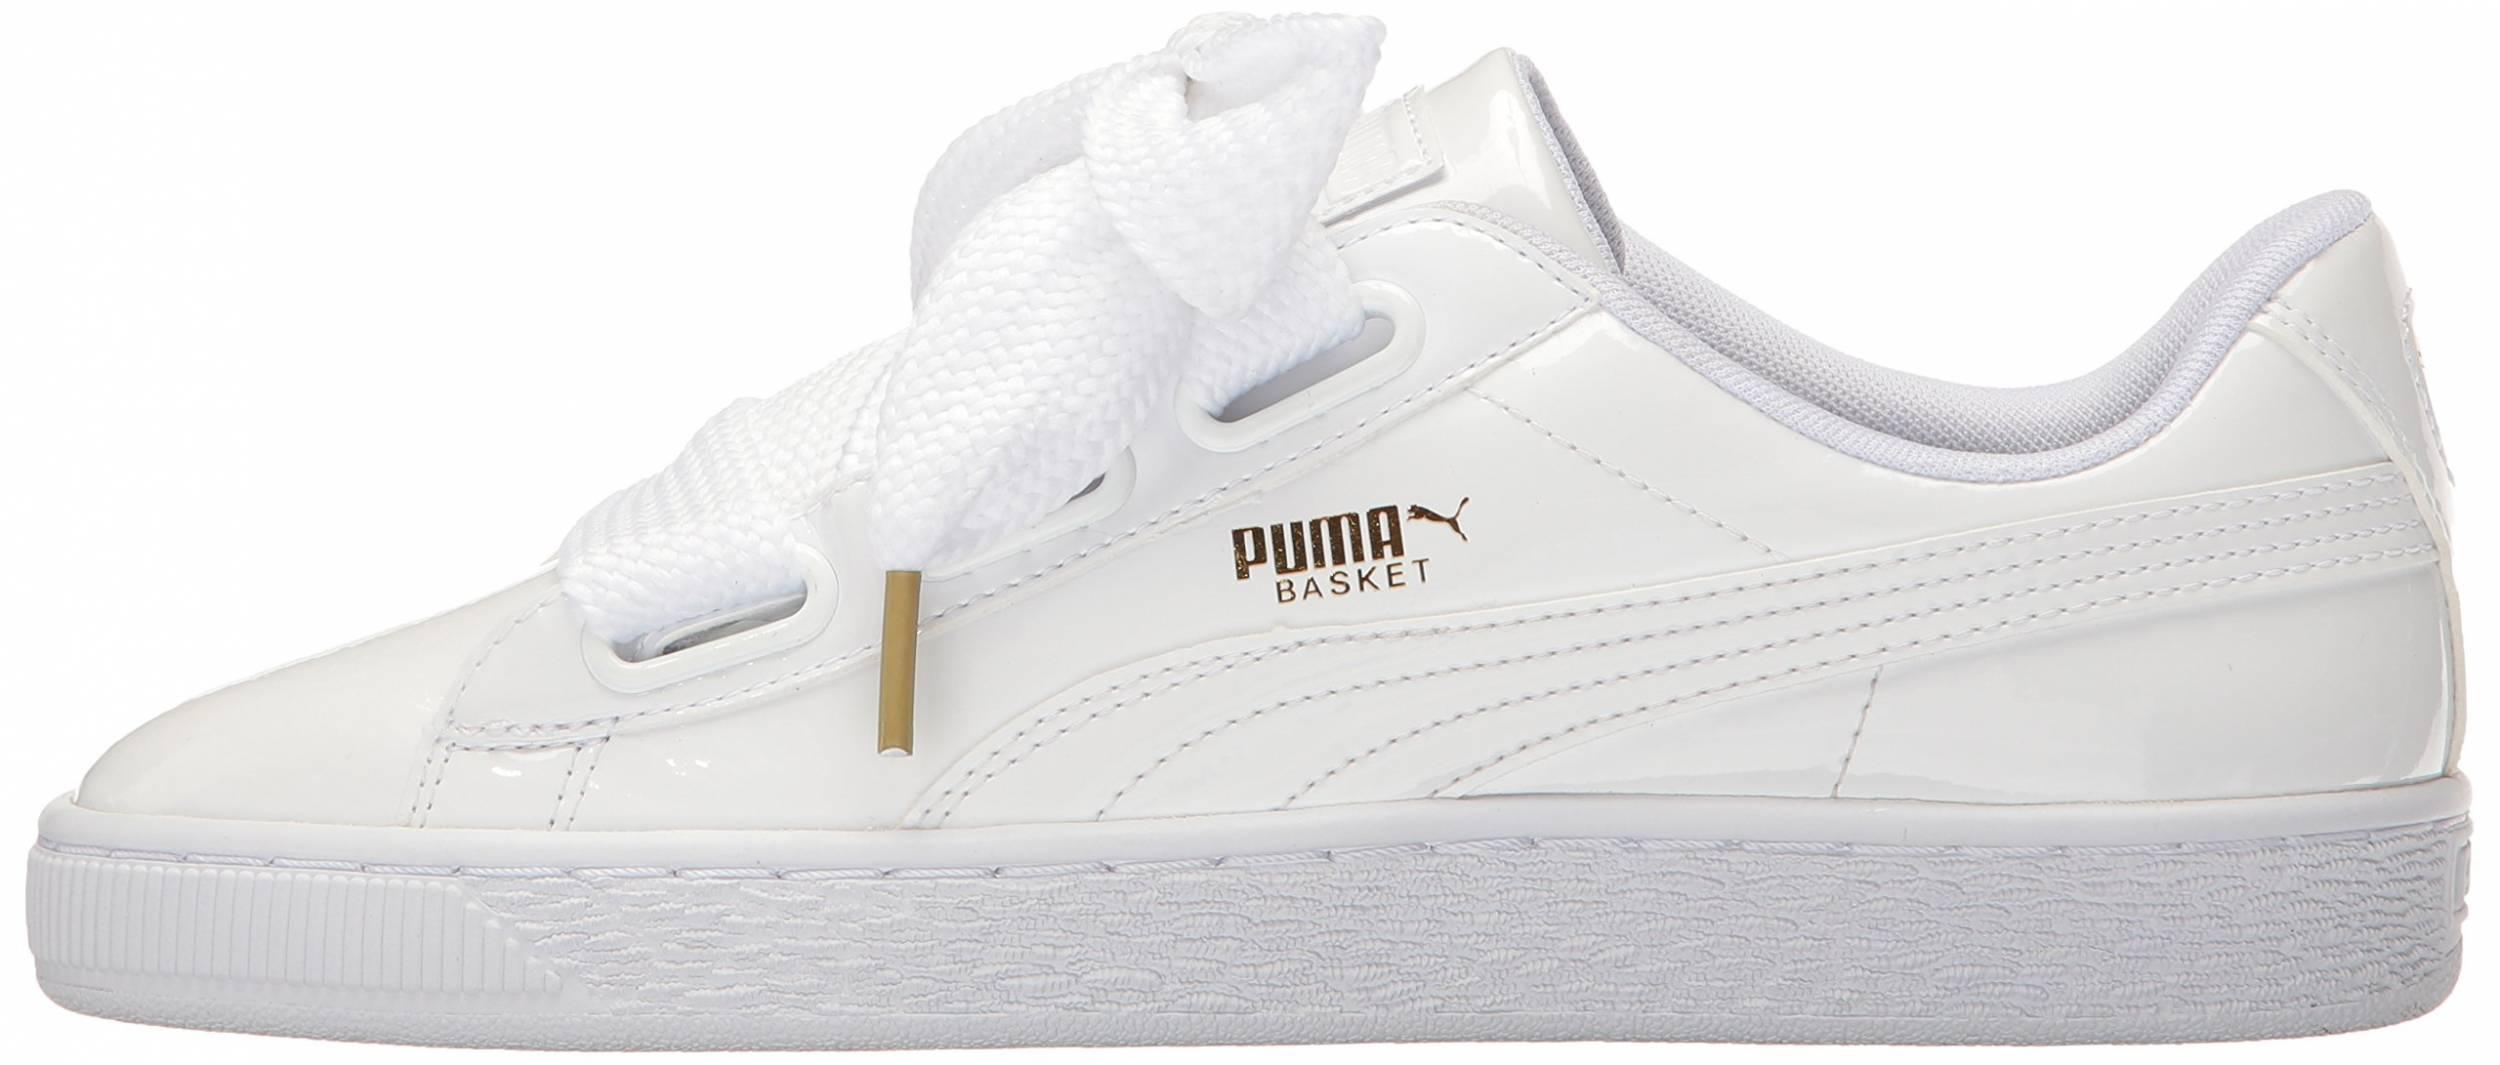 Puma Basket Heart Patent